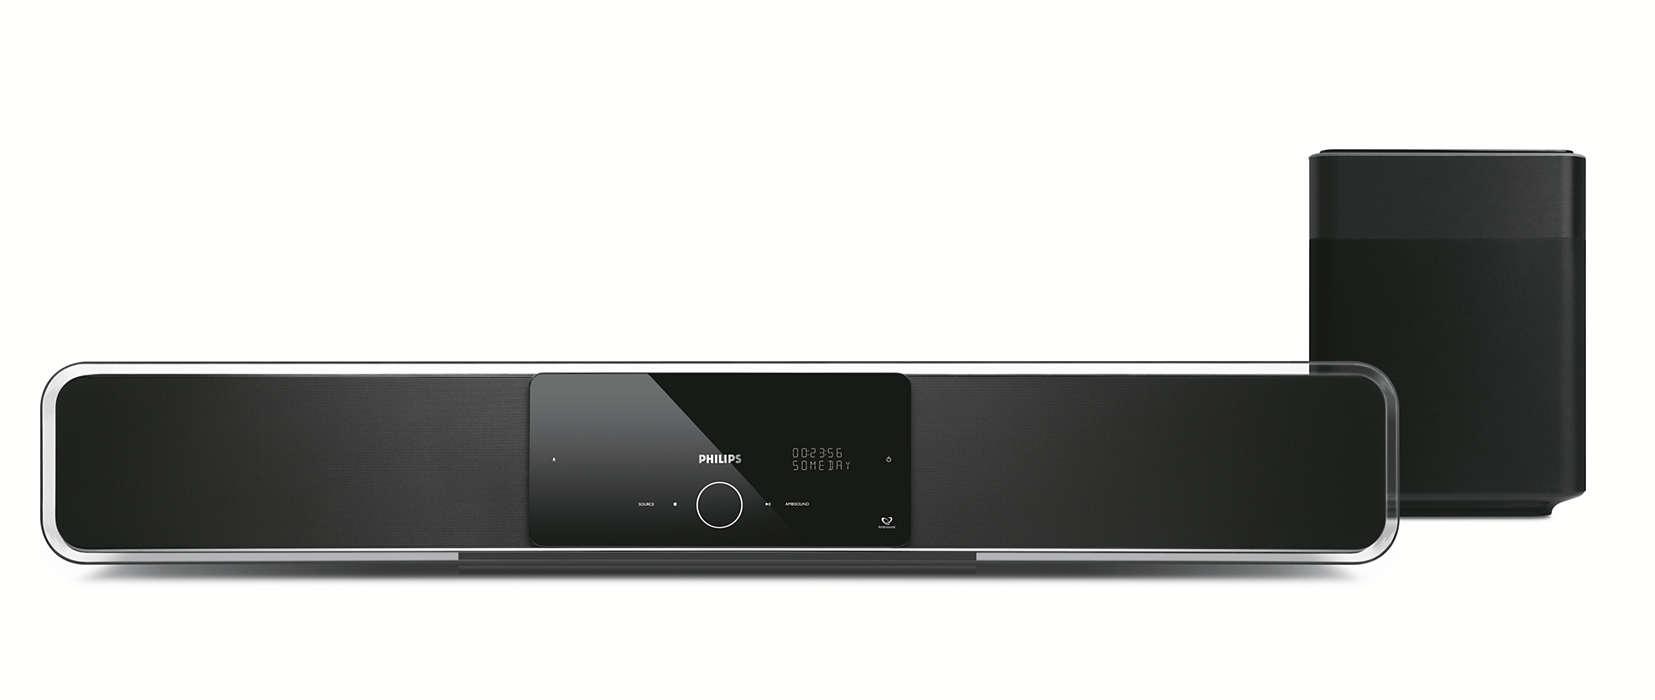 De SoundBar opent nieuwe dimensies